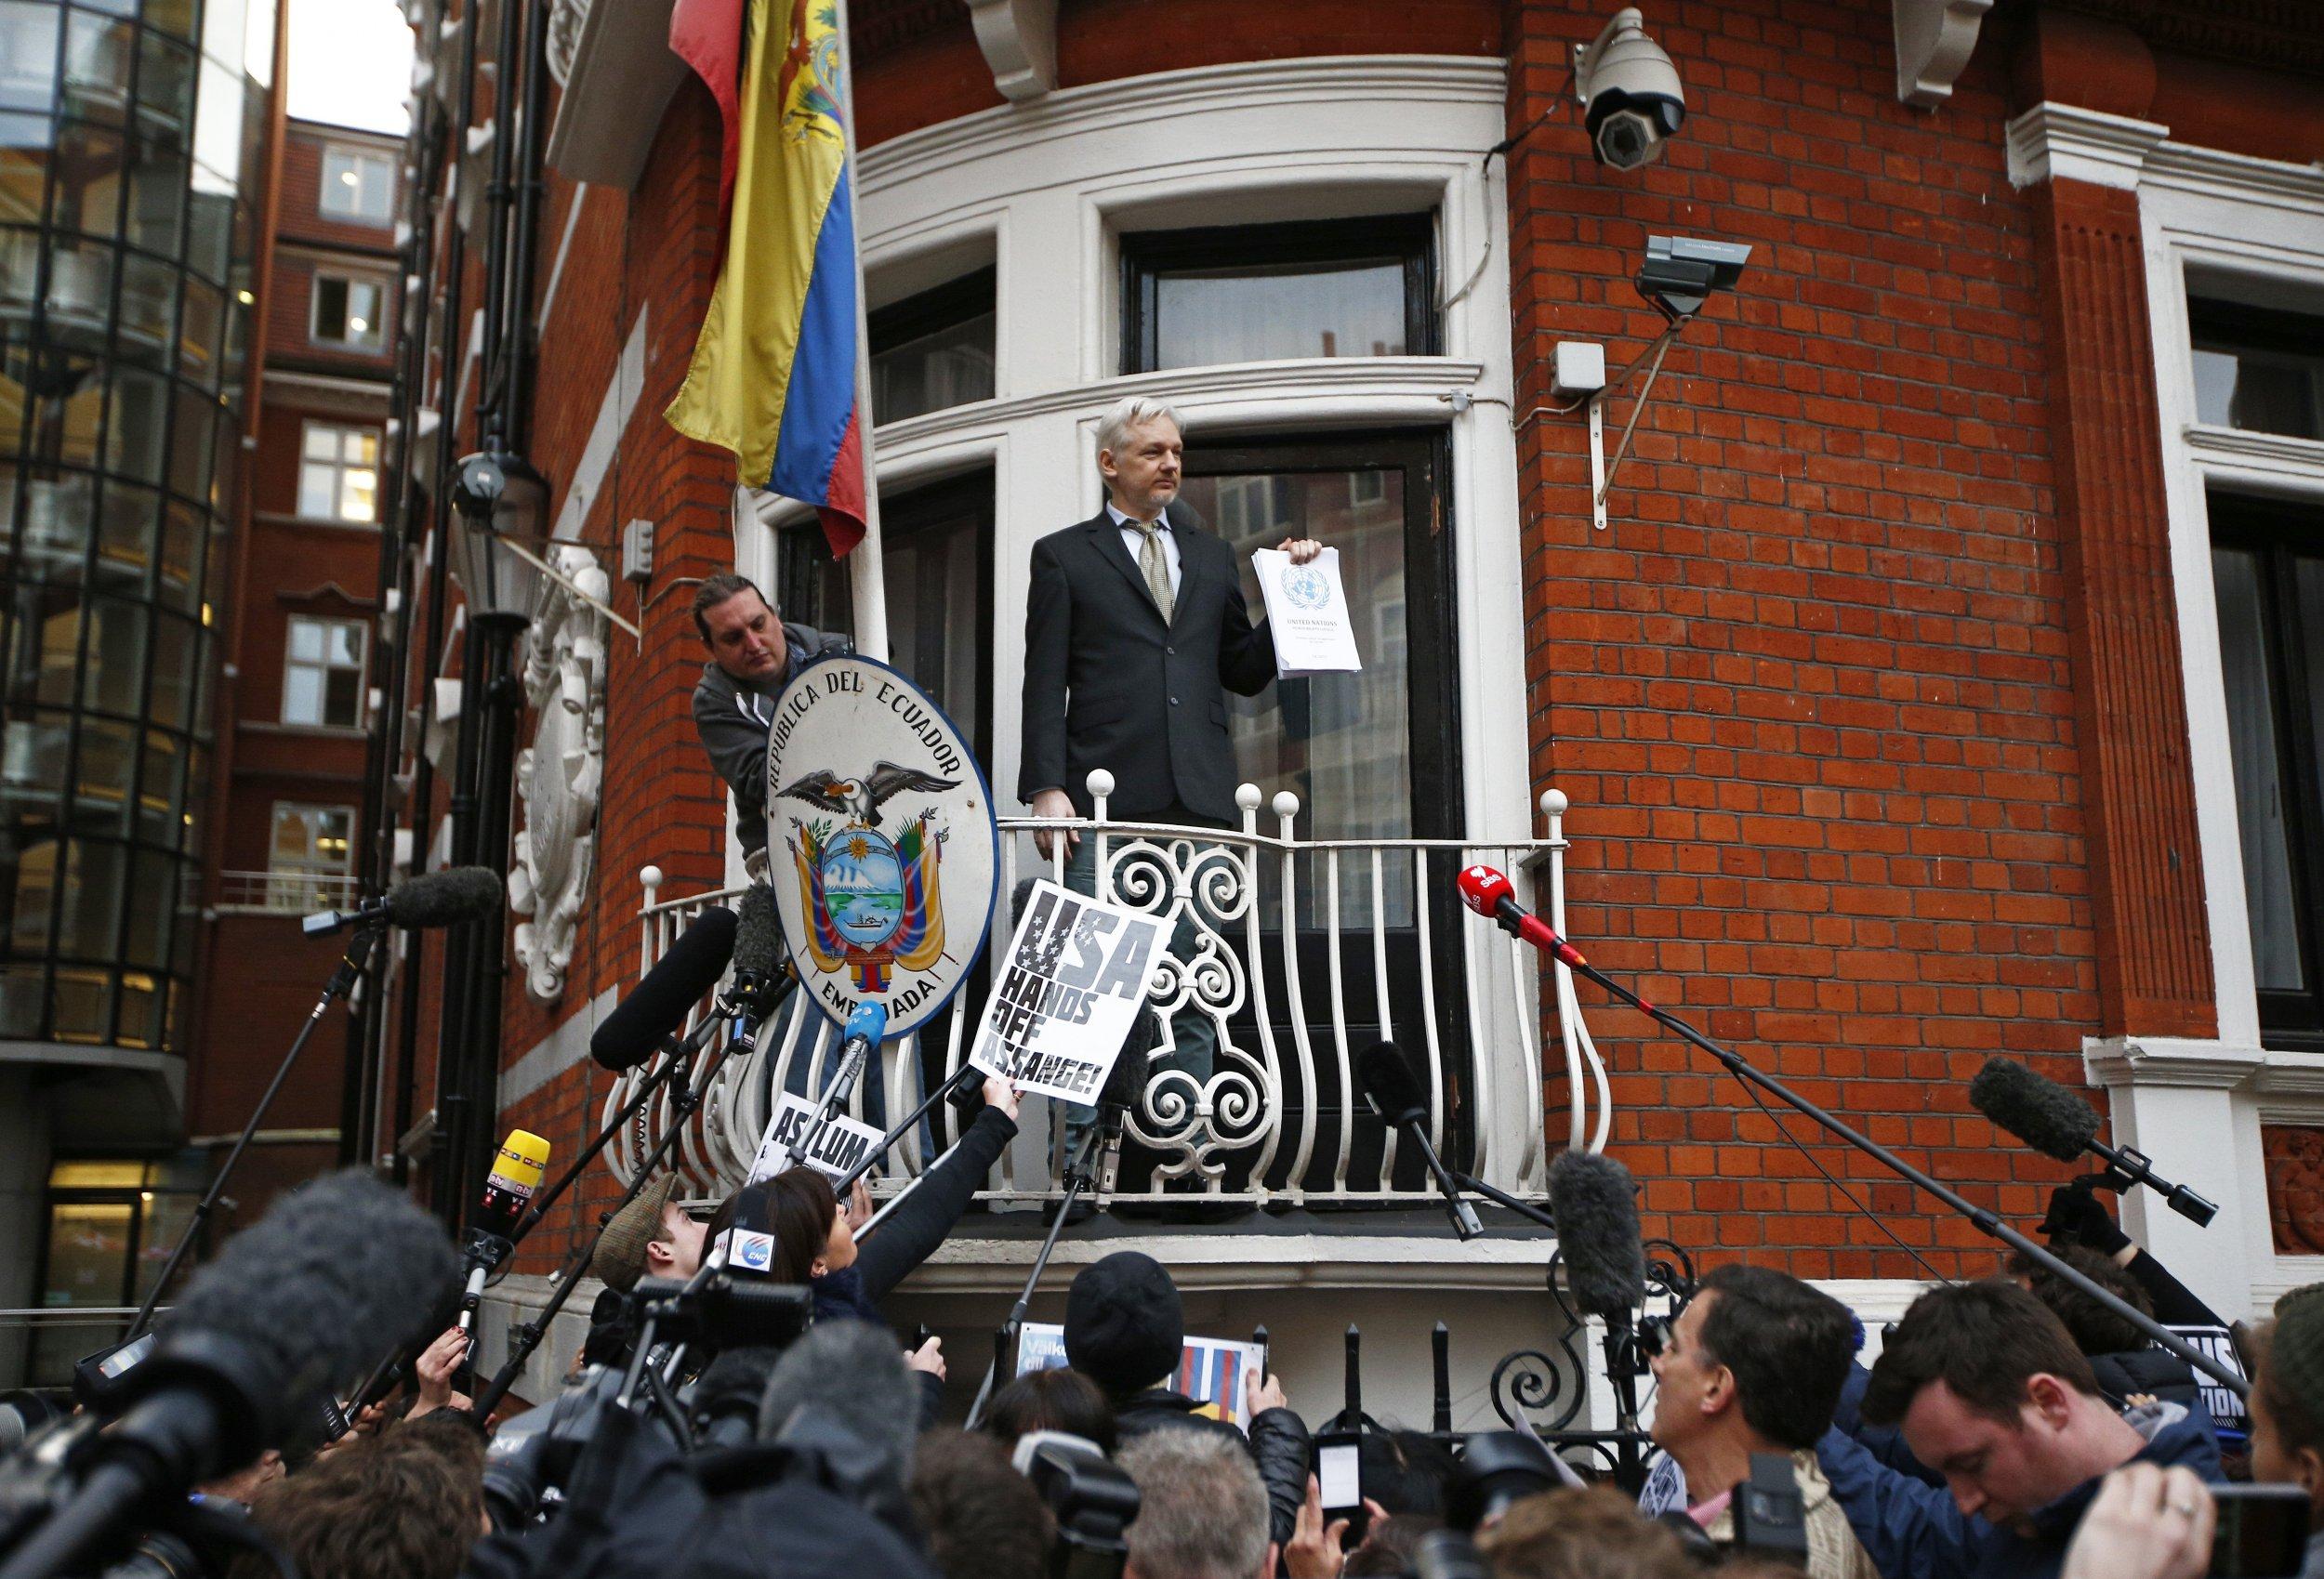 assange un ruling ai weiwei letter wikileaks nobel